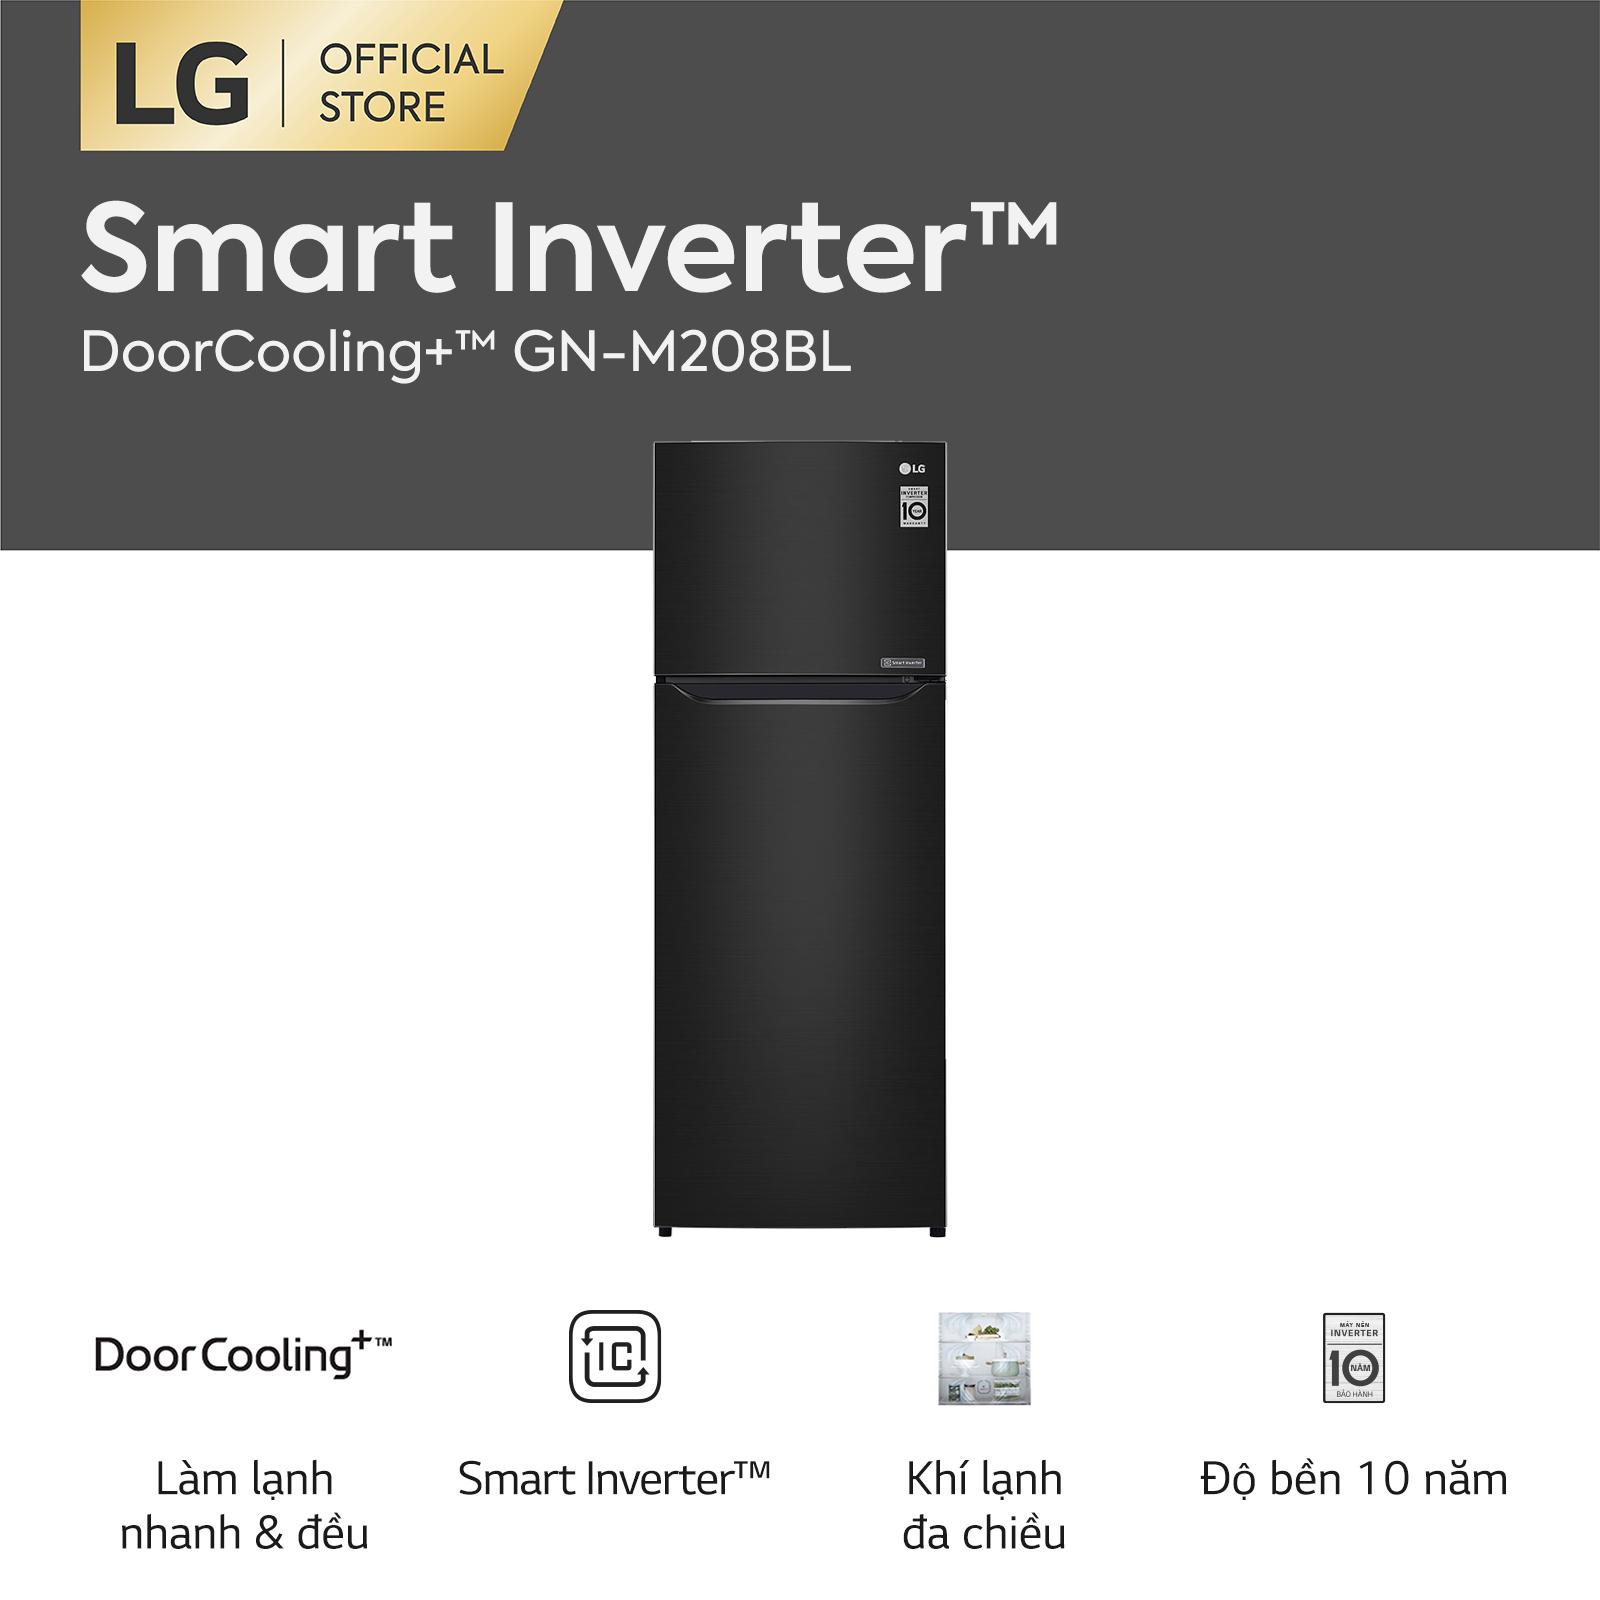 [FREESHIP 500K TOÀN QUỐC] Tủ lạnh LG Smart Inverter ngăn đá trên với DoorCooling+™ GN-M208BL 225L (Đen) 55.5 x 152 x 58.5cm – Hãng phân phối chính thức